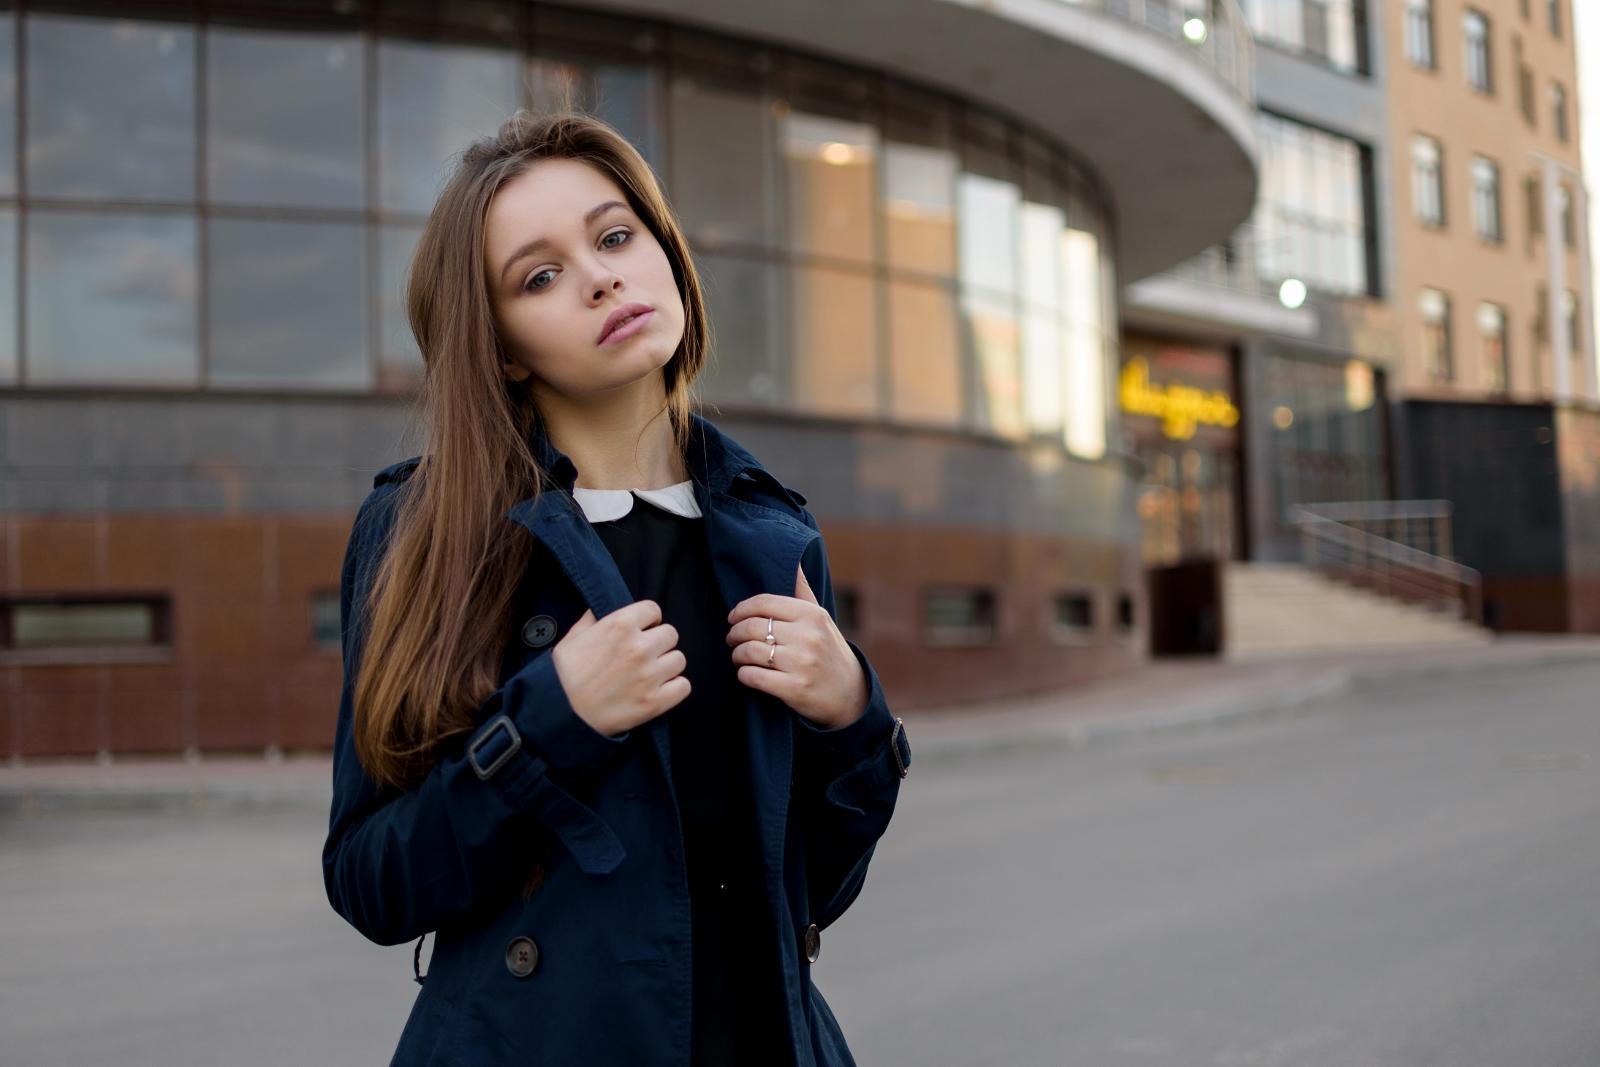 Юлия. Портрет